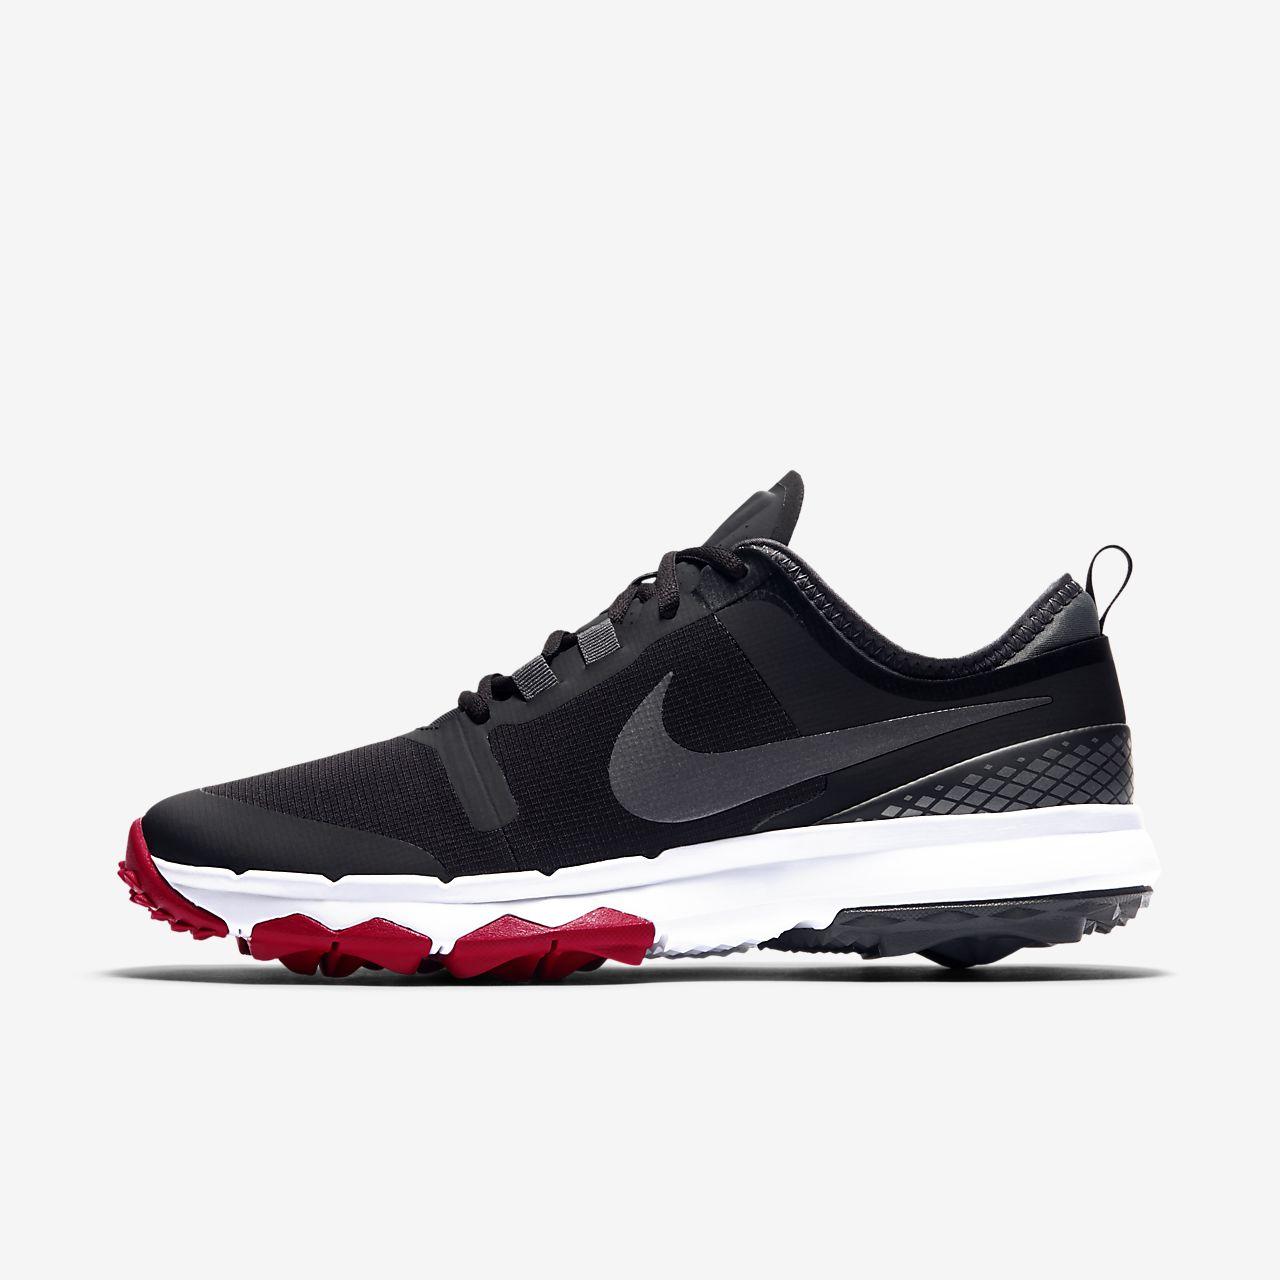 Nike Herren FI Impact 2 Golfschuhe